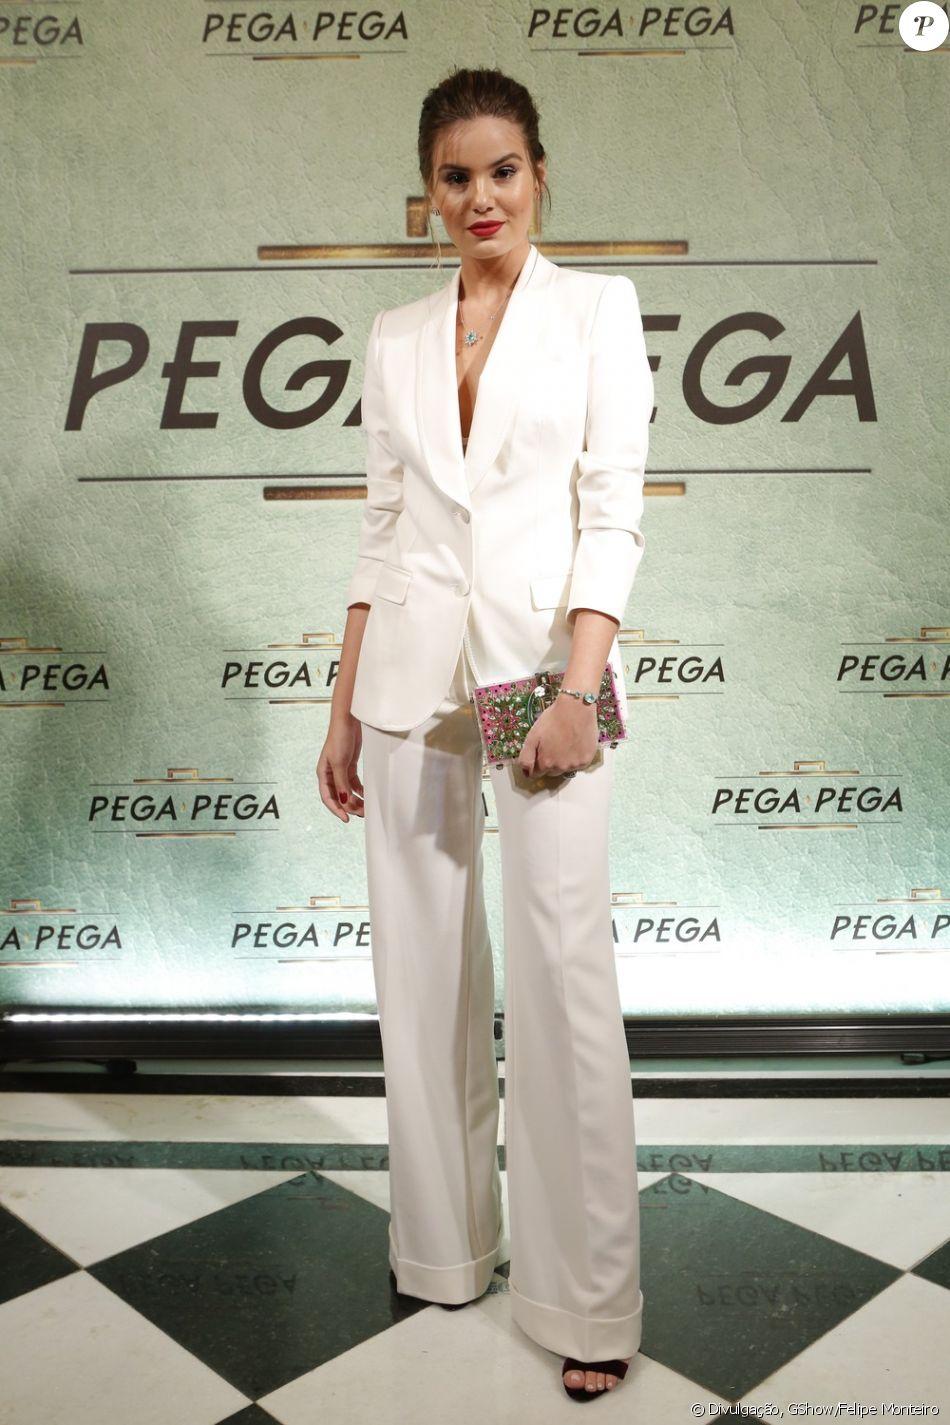 Camila Queiroz, protagonista de 'Pega Pega', vestiu conjunto Dolce & Gabbana na festa de lançamento da novela, nos Estúdios Globo, no Rio, nesta quinta-feira, 18 de maio de 2017